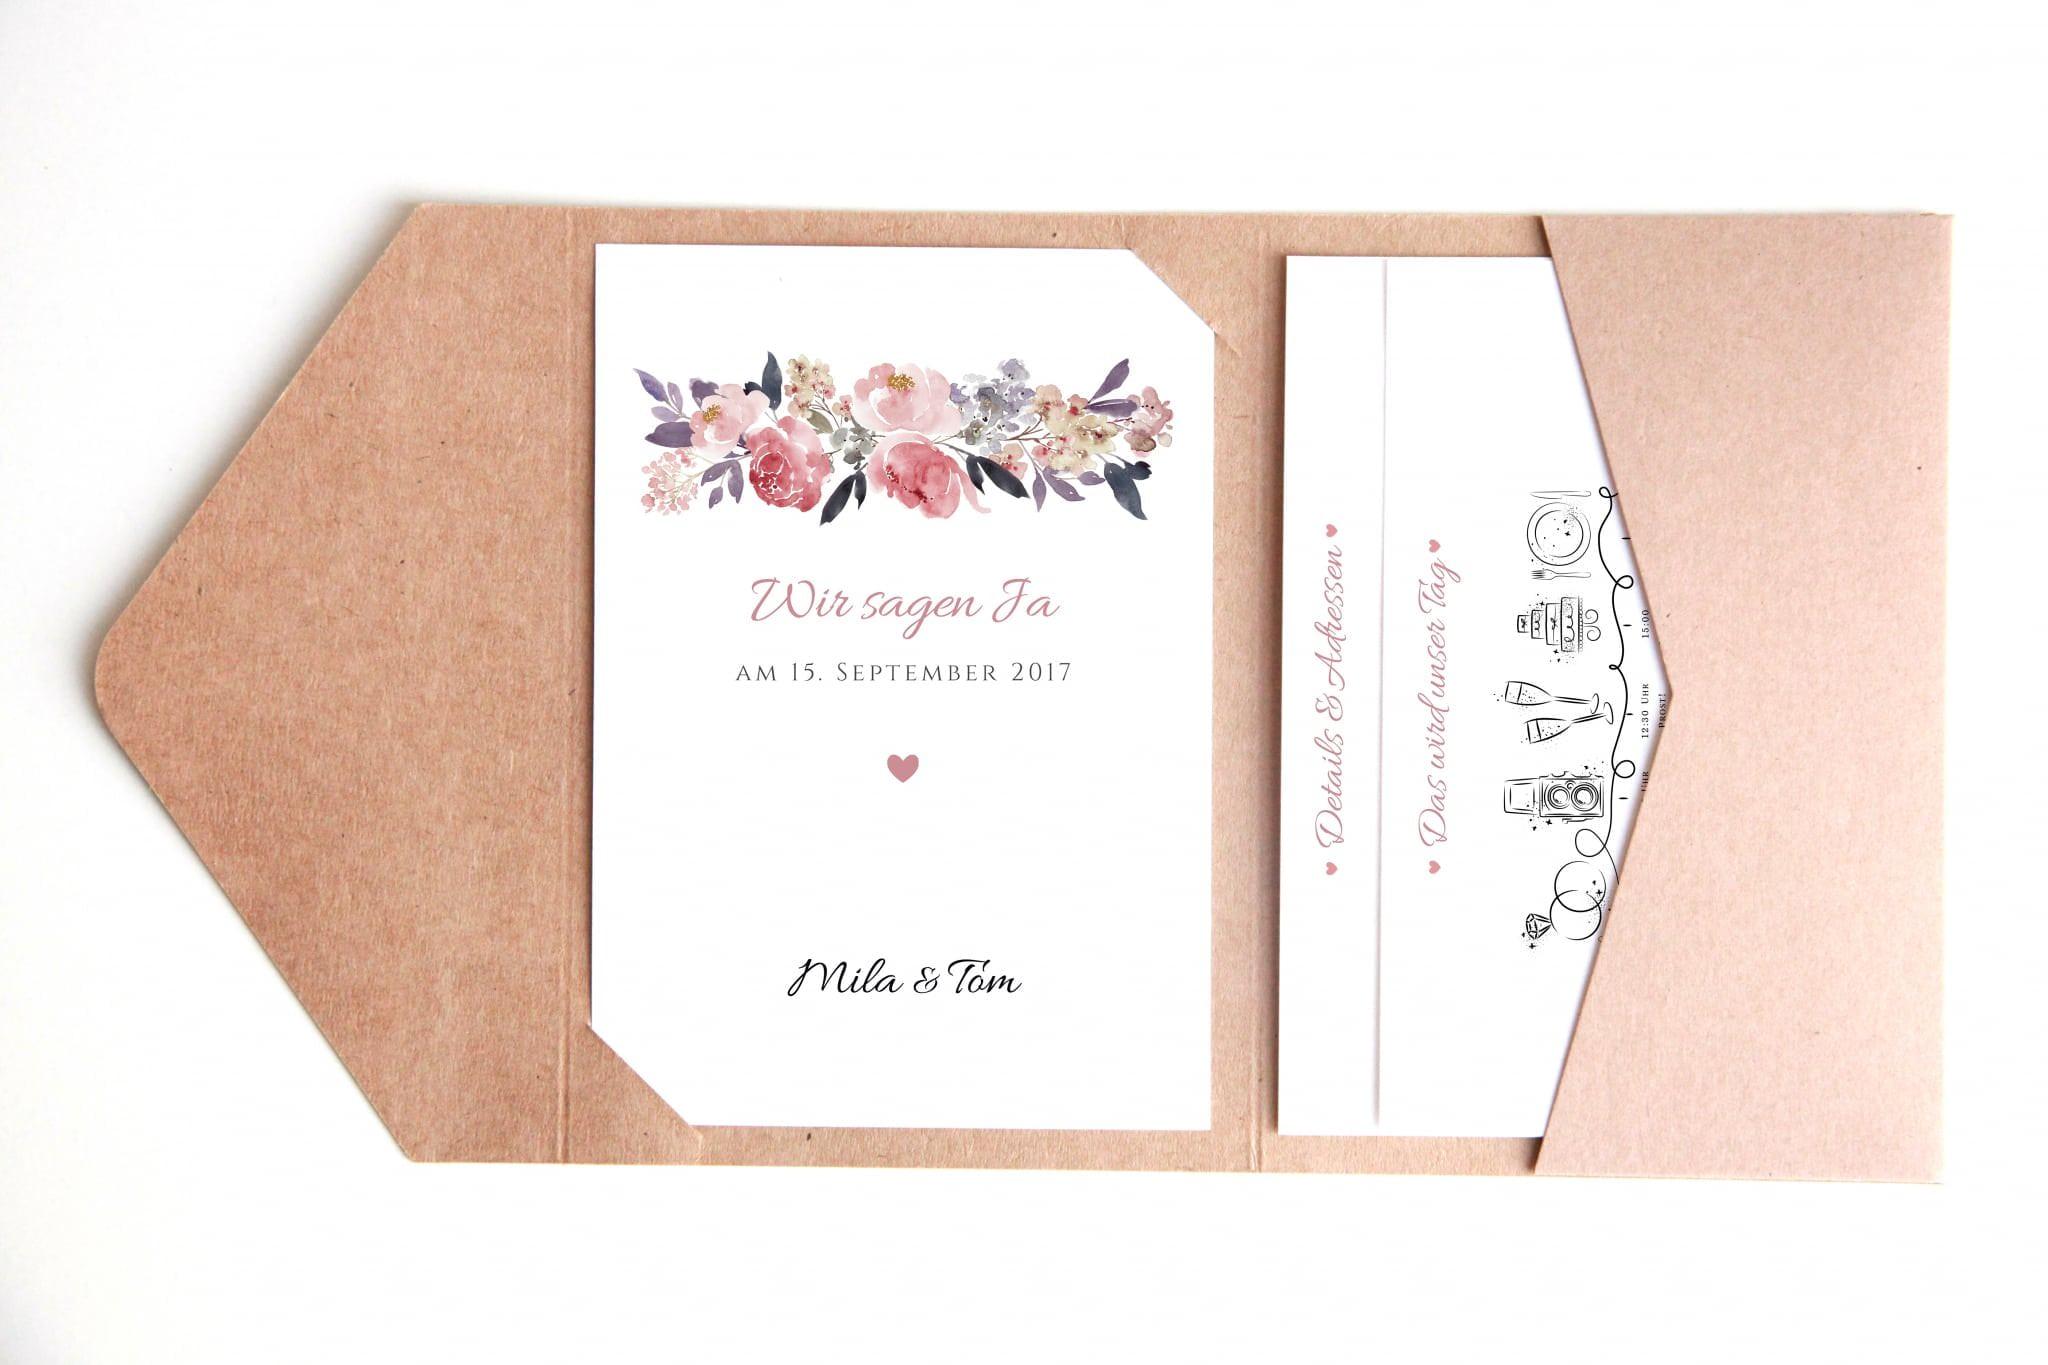 33dfb39feee39 Pocketfold-Einladungskarten DIY - Mila & Tom